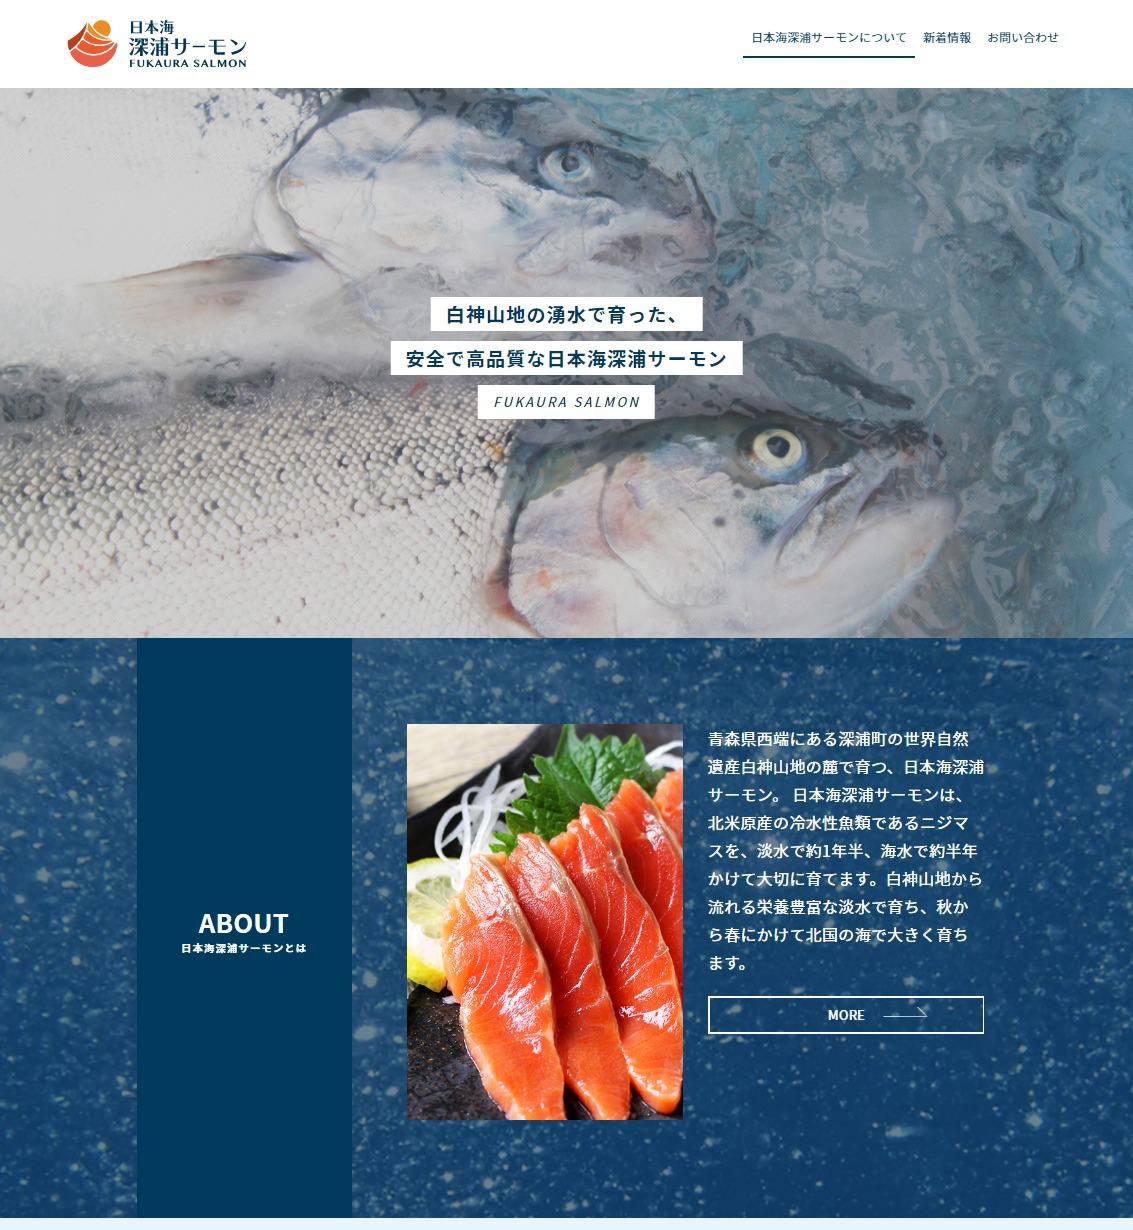 「日本海深浦サーモン」ブランドサイト